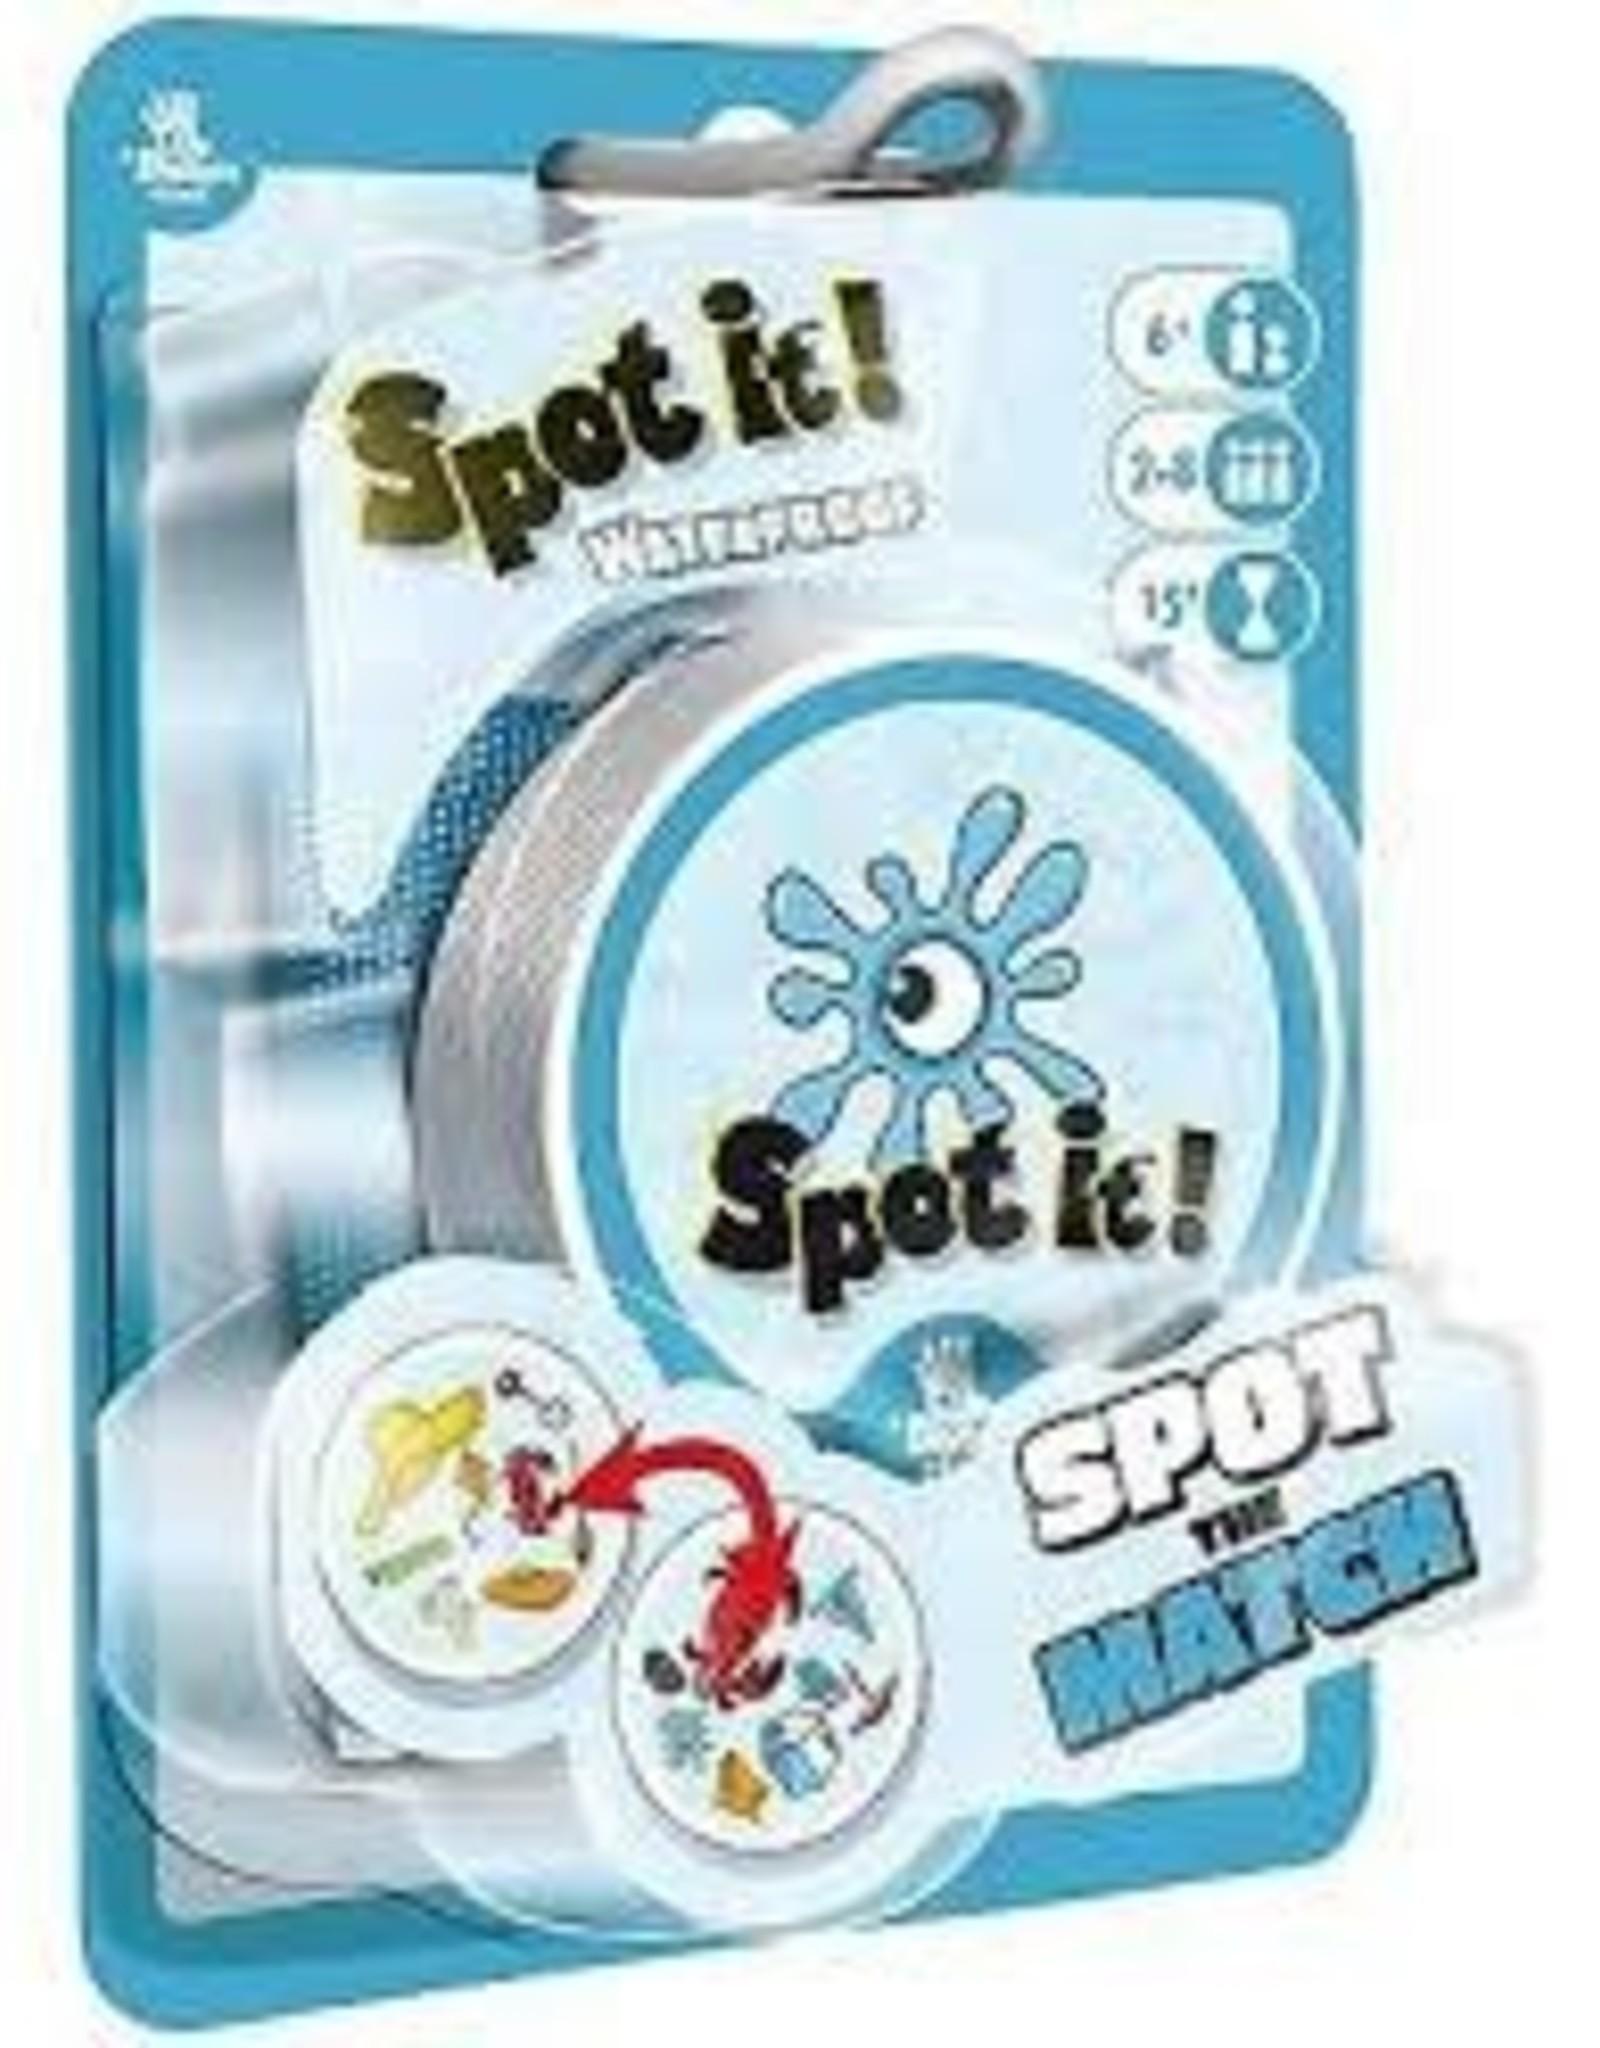 Zygo Matic Spot It! / Dobble: Waterproof Blister Pack